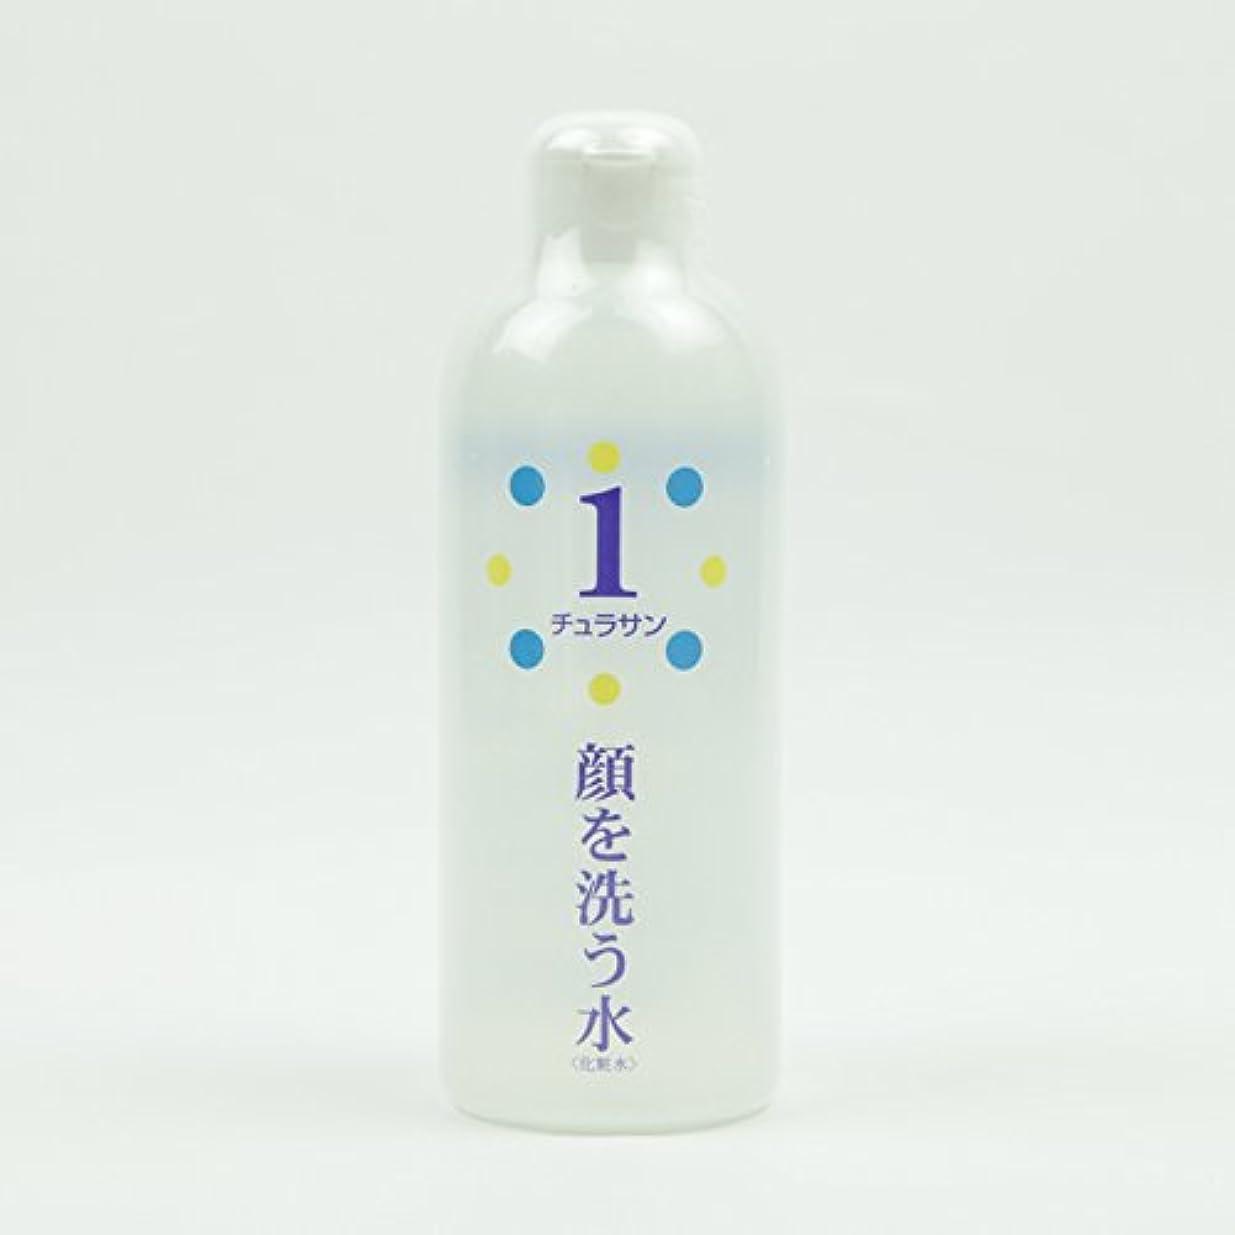 怒る噴出する細断チュラサン1 【顔を洗う水】 250ml